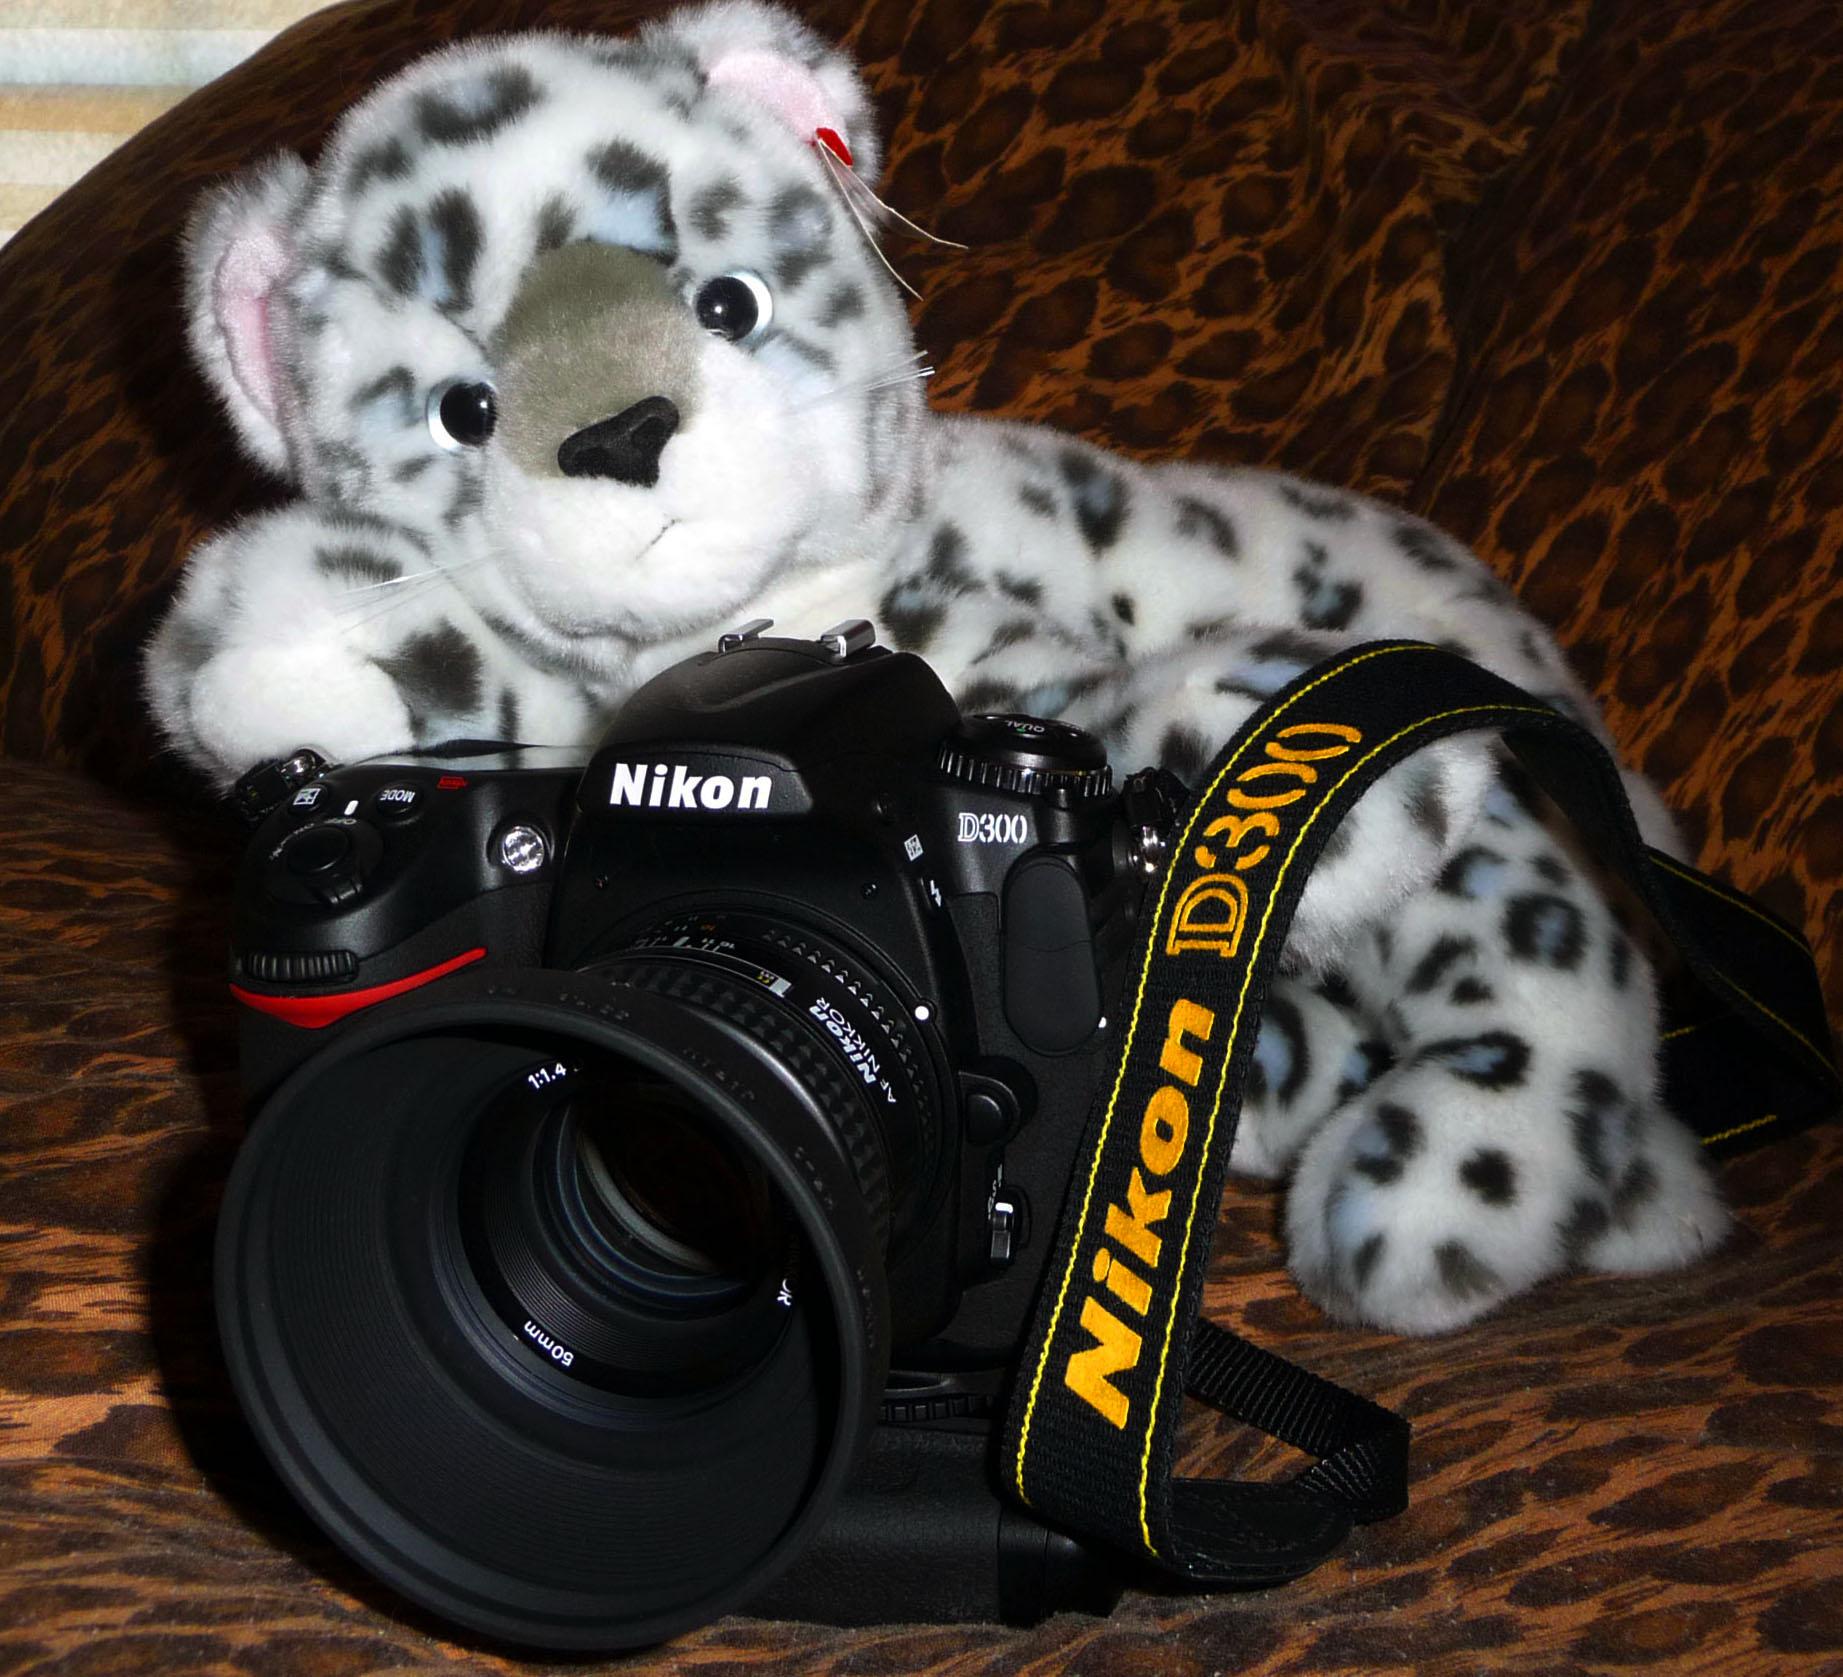 Nikon D300 + AF-S Micro NIKKOR 60mm F2.8G ED